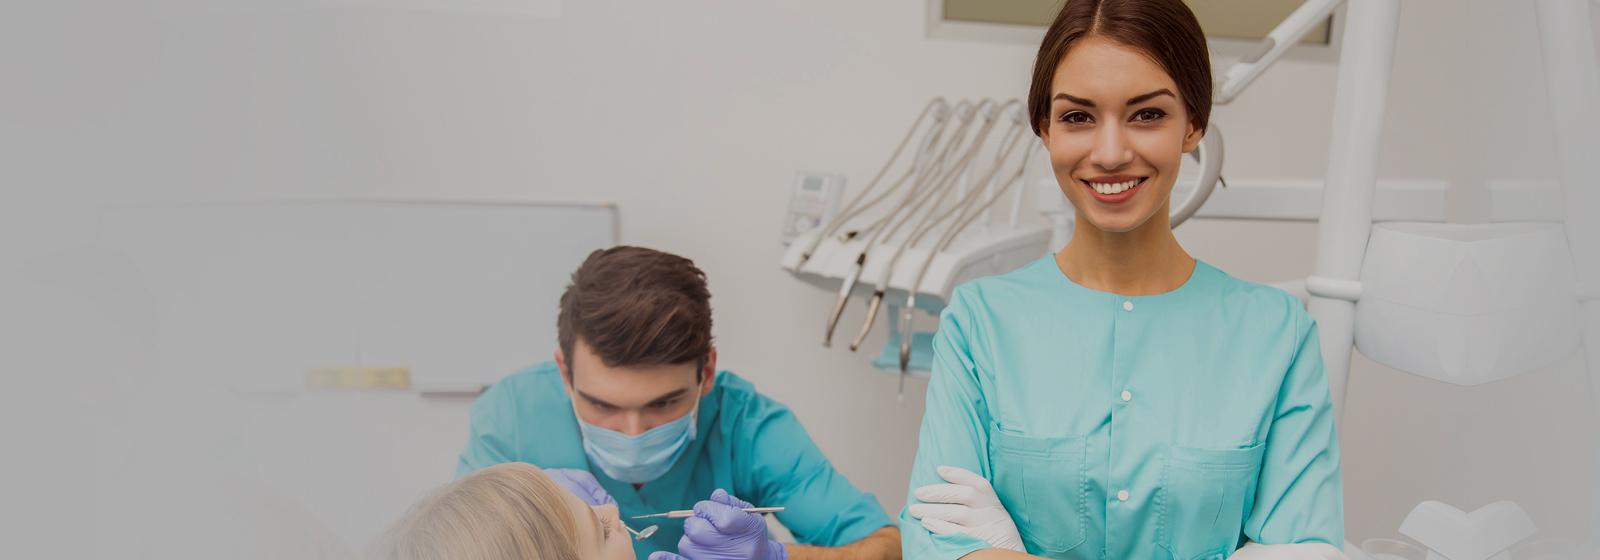 Sunrise School Of Dental Assisting Elite Dental Assistant Schooling